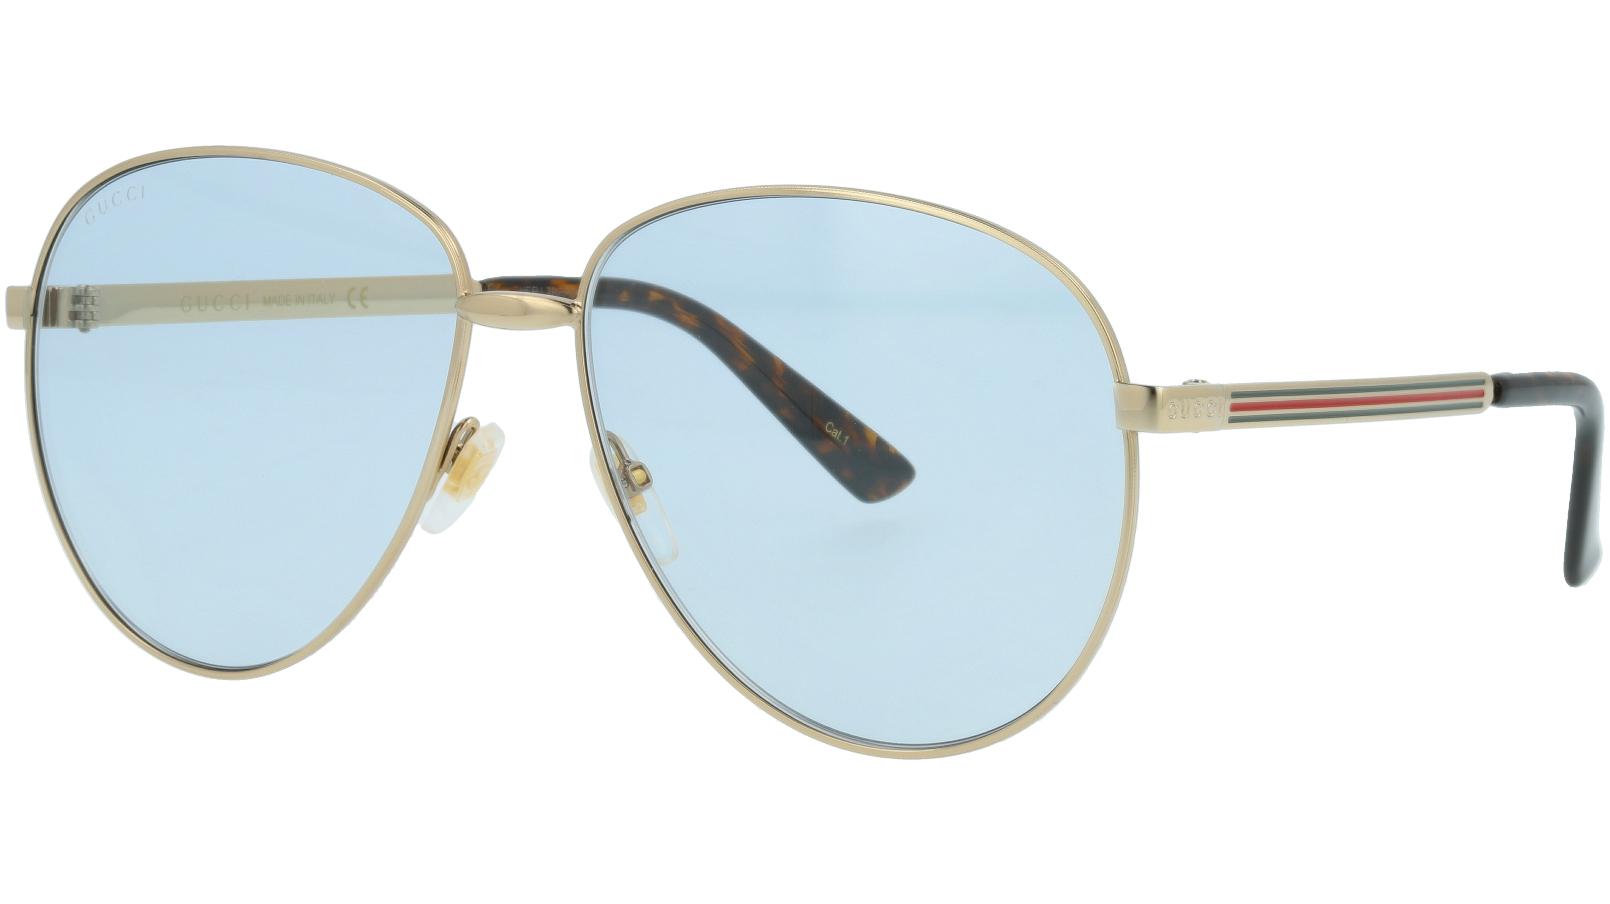 GUCCI GG0138S 004 61 GOLD Sunglasses